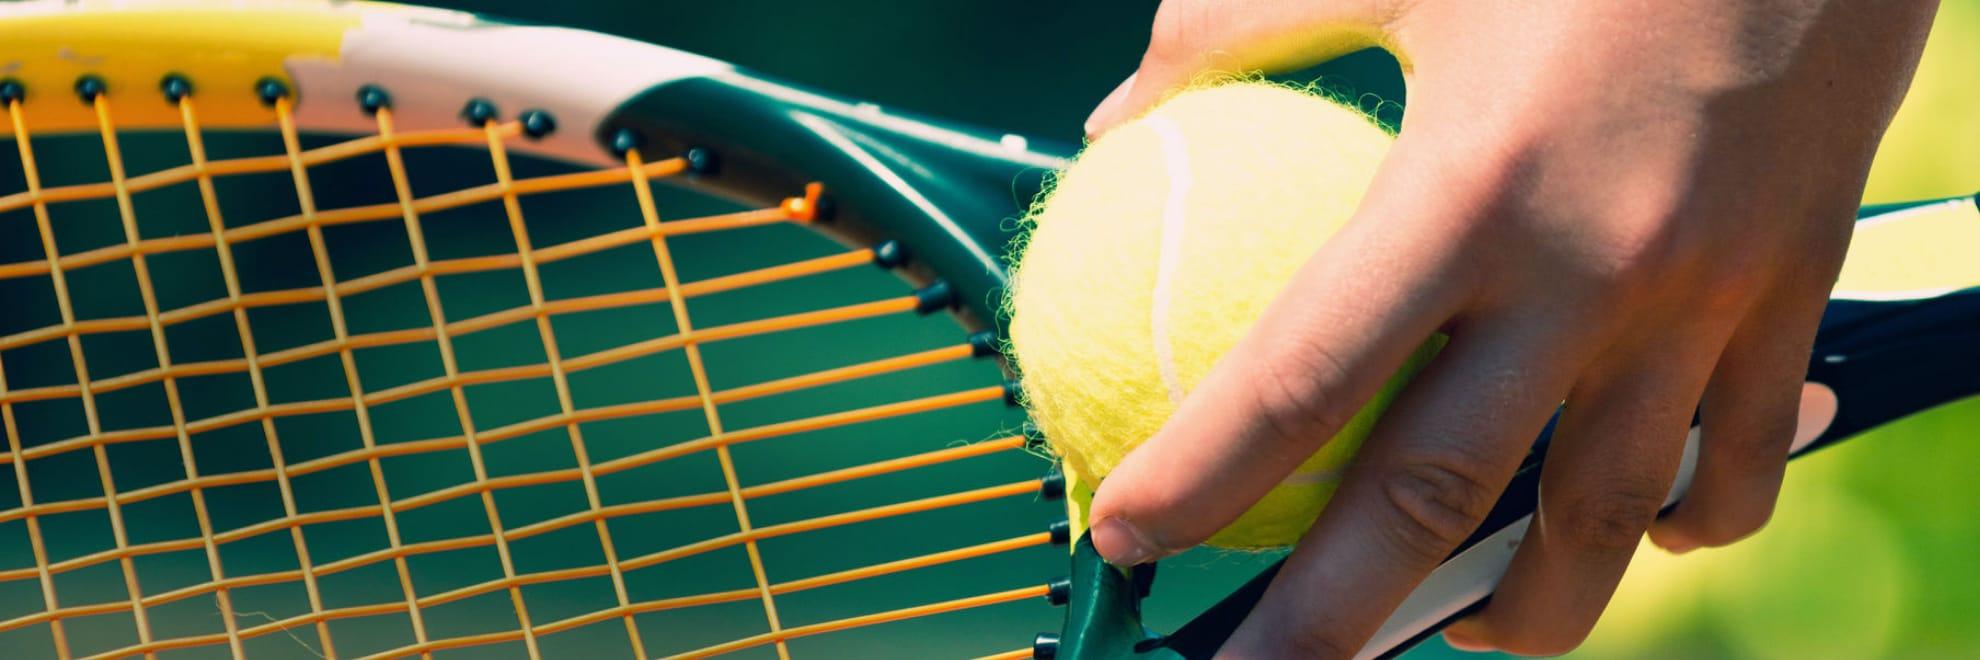 スポーツの画像